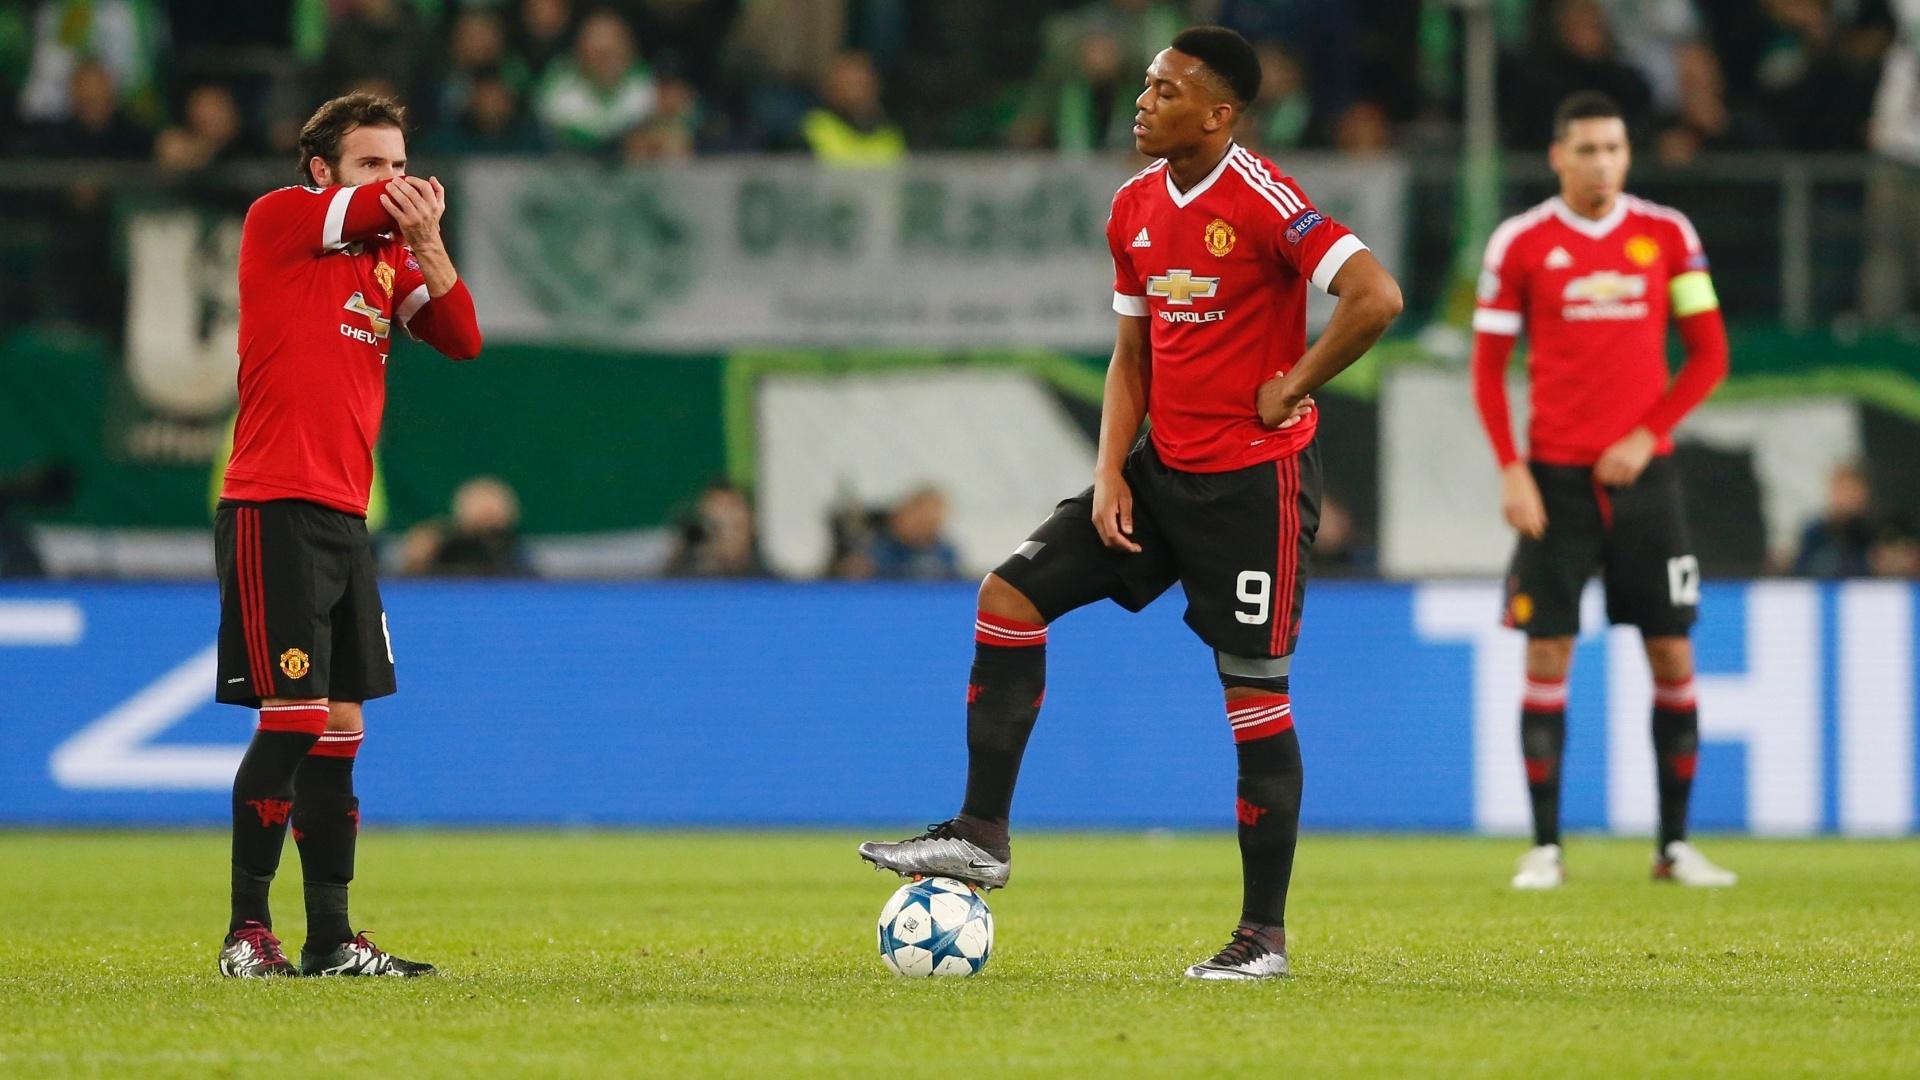 Juan Mata e Martial (9), do Manchester United, lamentam gols sofrido contra o Wolfsburg, antes de dar nova saída de bola